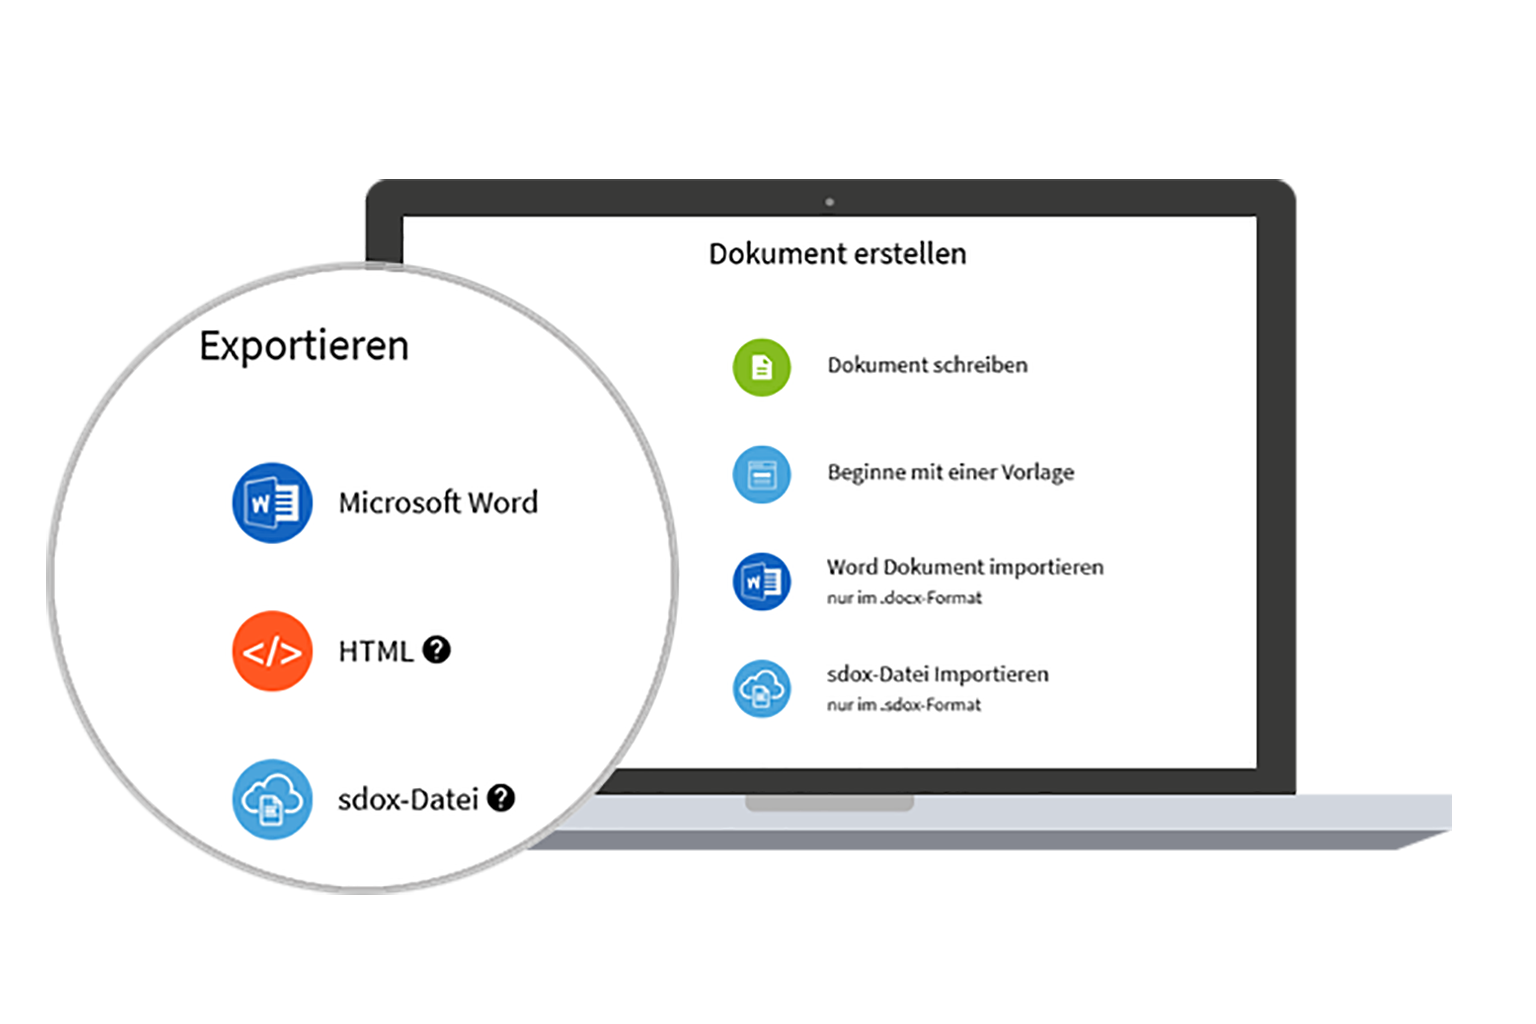 Bearbeitung von Word-Dokumenten